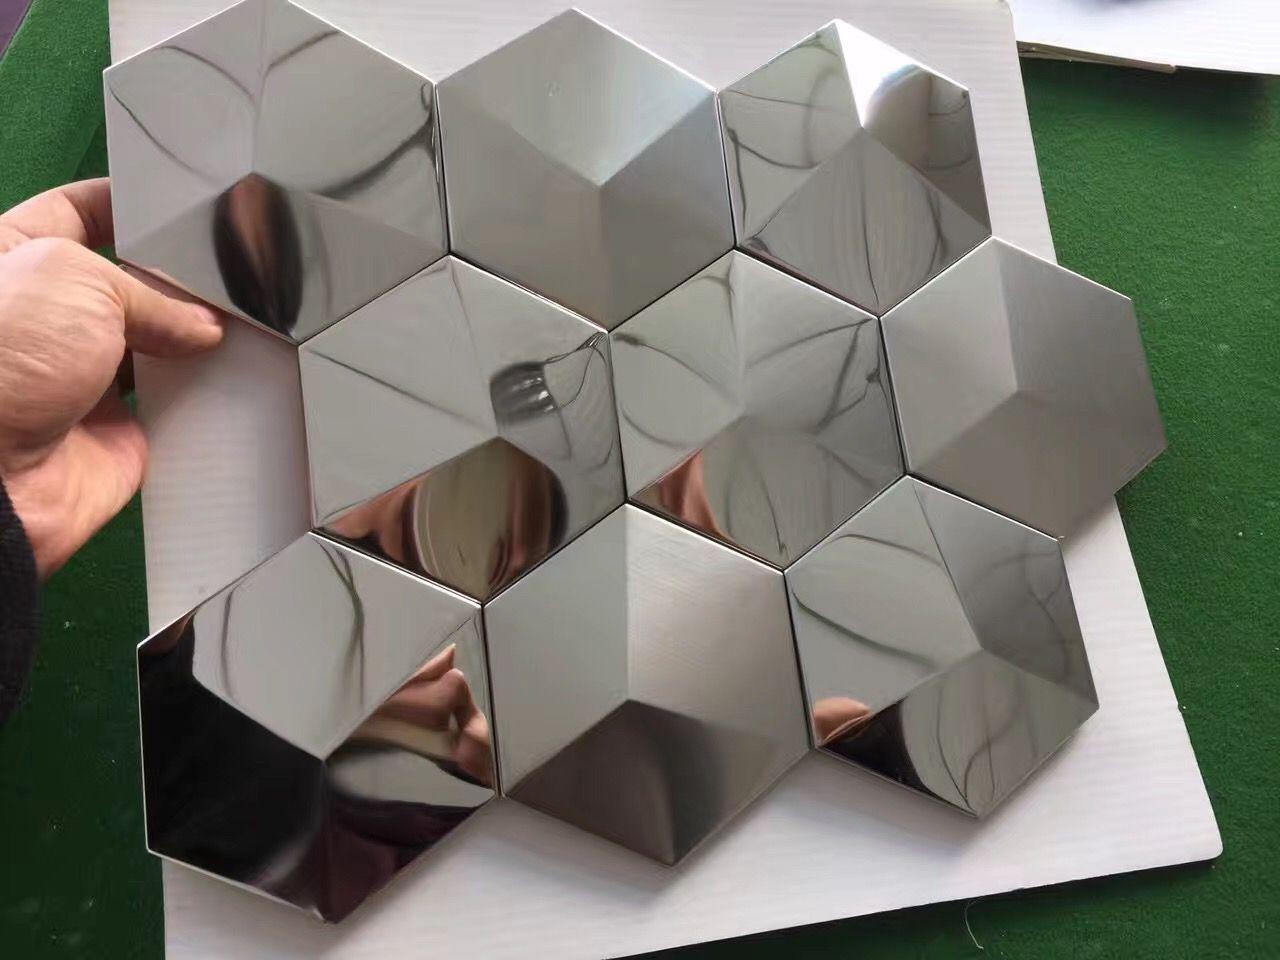 Silver Metal Mosaic Tile Stainless Steel Tile Pyramid Patterns Kitchen Backsplash Wall Brick Tiles Metal Mirror Wall Designs Xgmt005 Metal Mosaic Tiles Stainless Steel Tile Mosaic Tiles